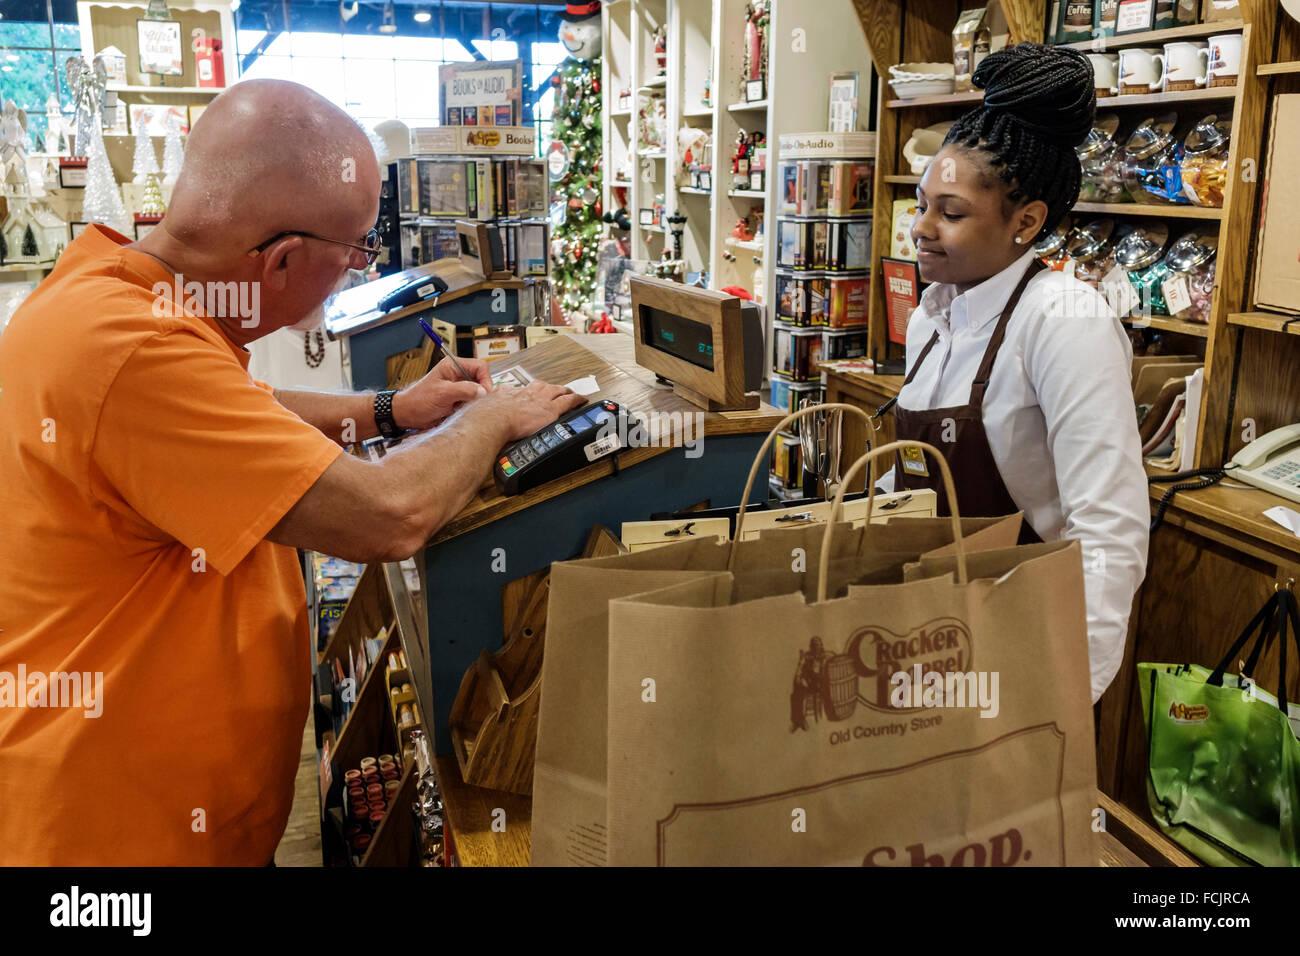 Vero Beach Florida Cracker Barrel Country Store Restaurant Kasse Kunden zahlen schwarz Frau Mitarbeiter Mann Unterzeichnung Stockfoto